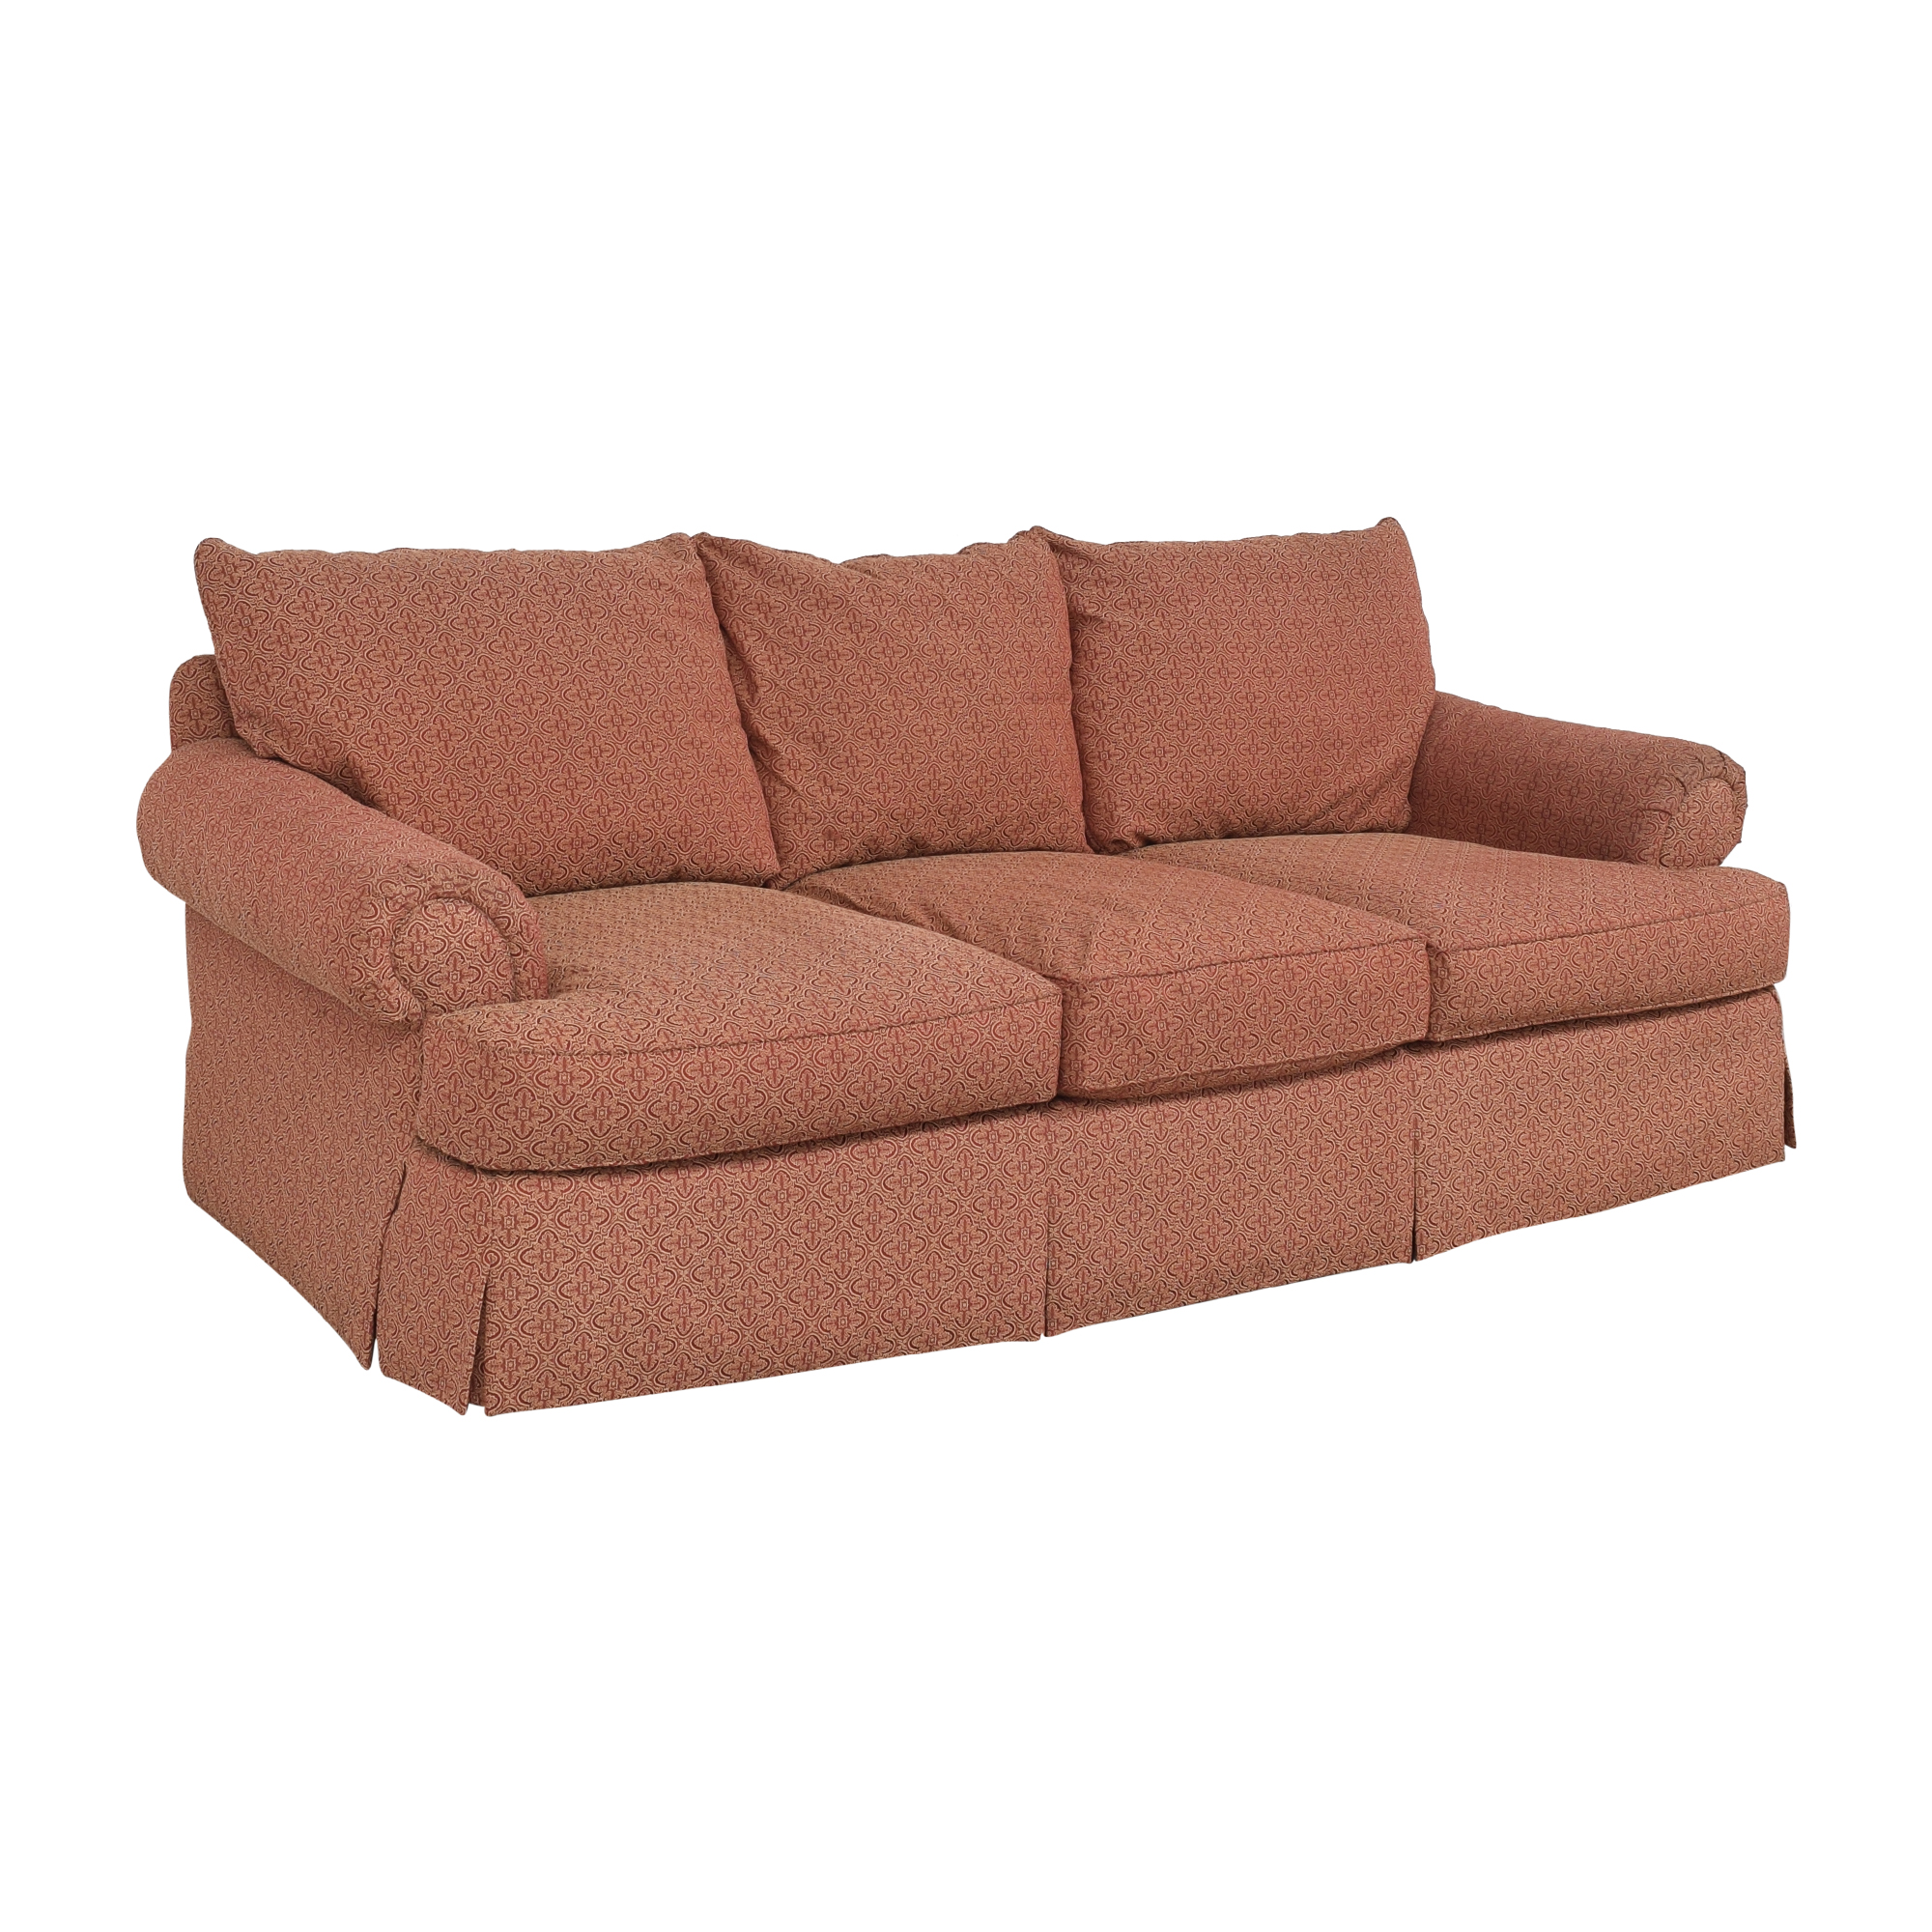 buy Thomasville Three Cushion Sofa  Thomasville